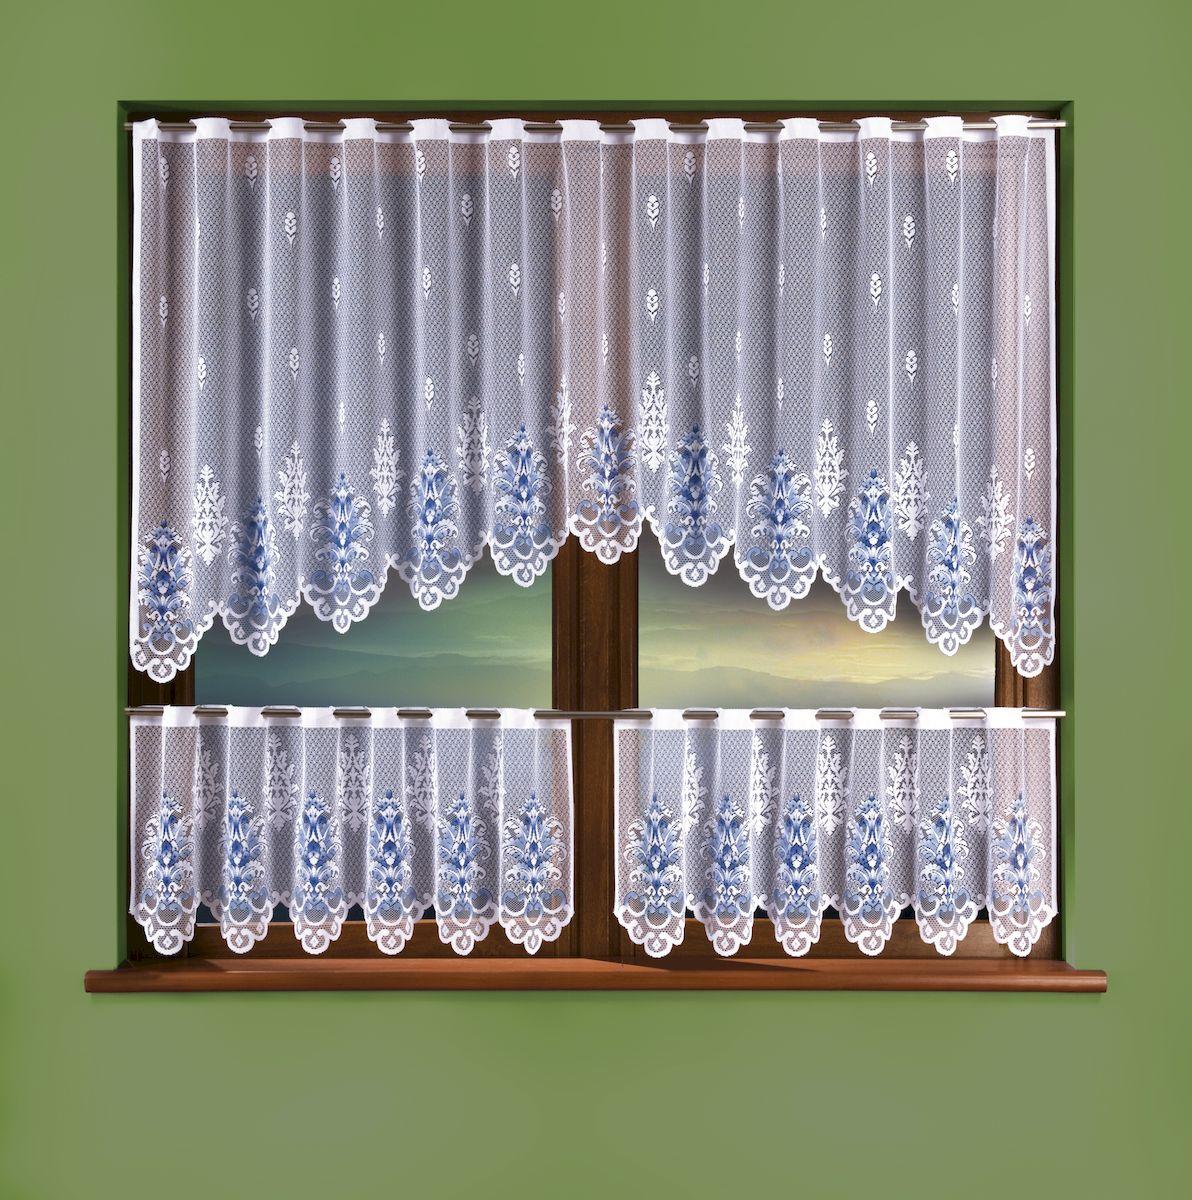 Комплект штор для кухни Wisan, цвет: белый, высота 15 см, 100 см. 33243324Комплект для кухни: высота 100х ширина 250 + высота 45х ширина 125 2 штуки, крепление на штангу. Размер: высота 100 x ширина 250 + (высота 45 x ширина 125) x 2